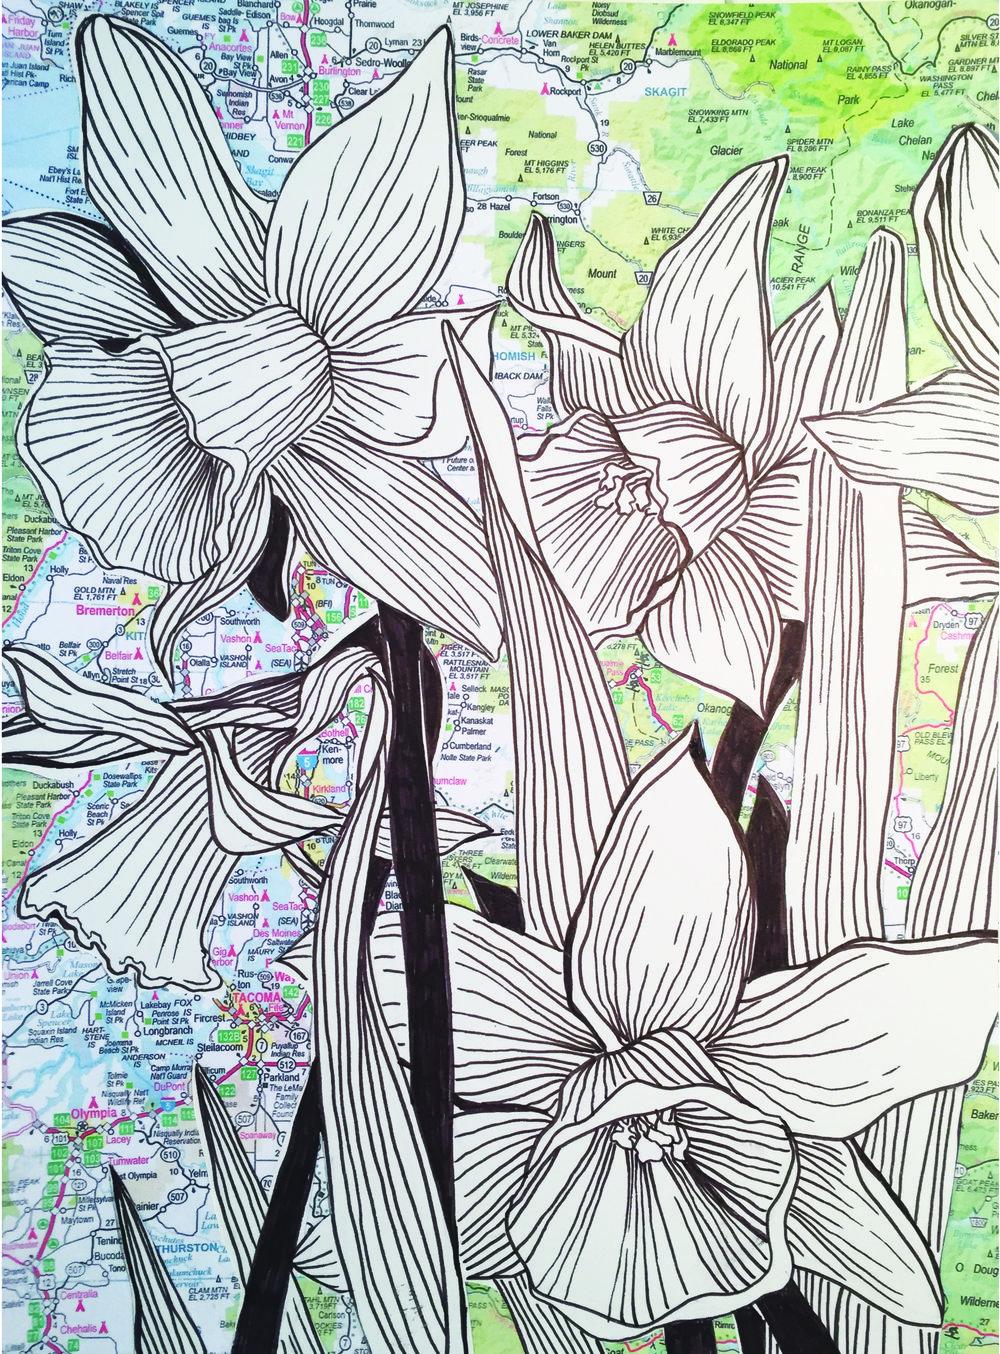 SARR_NW Daffodils